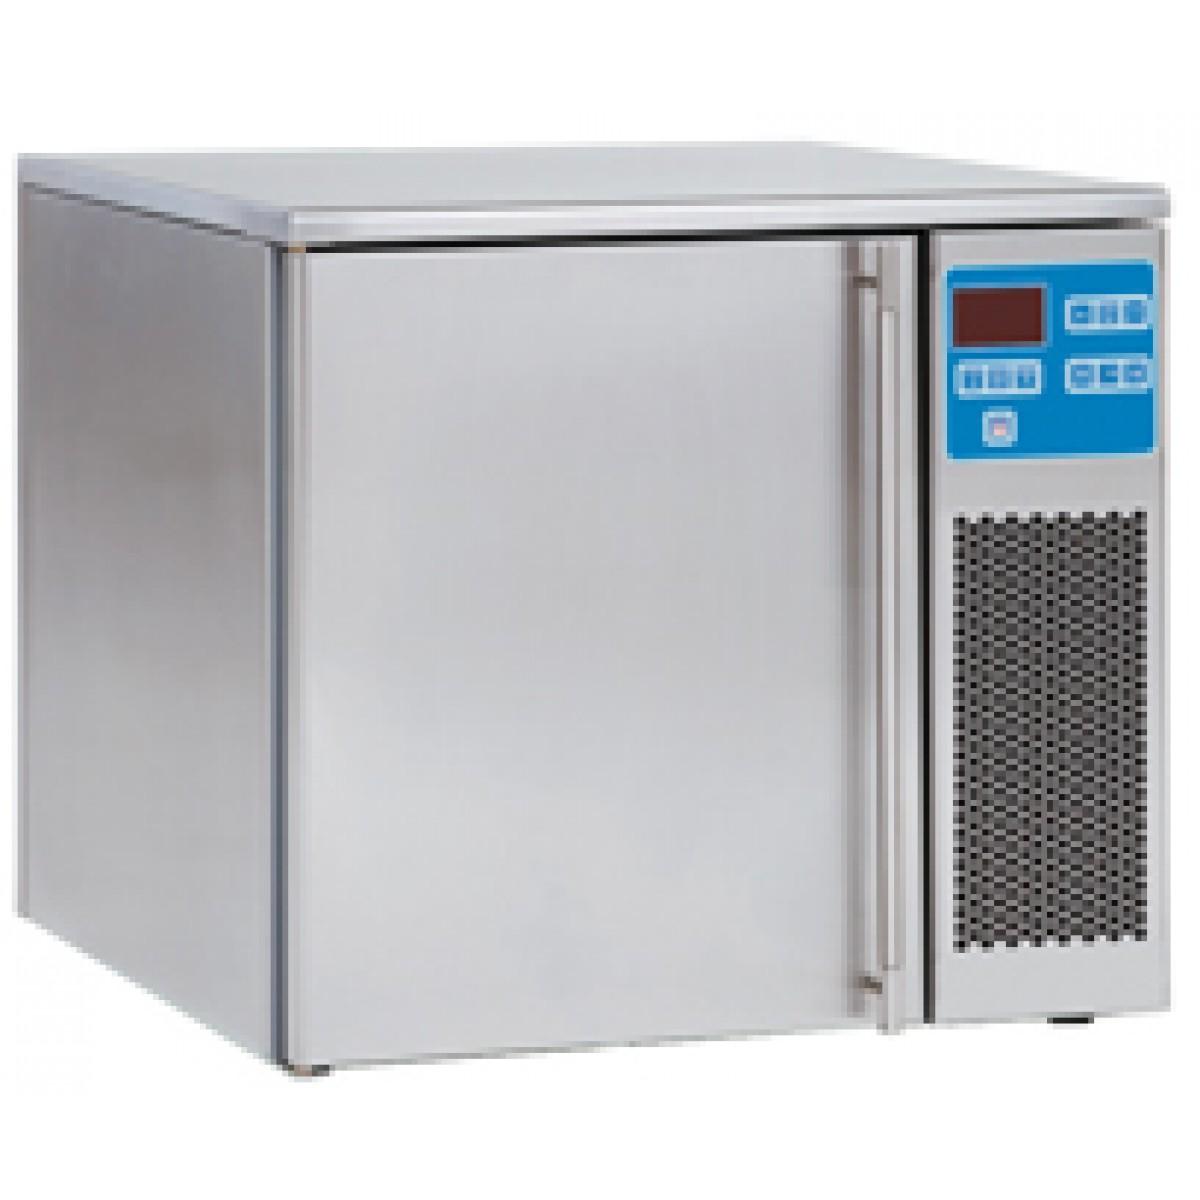 Blstfryser-33